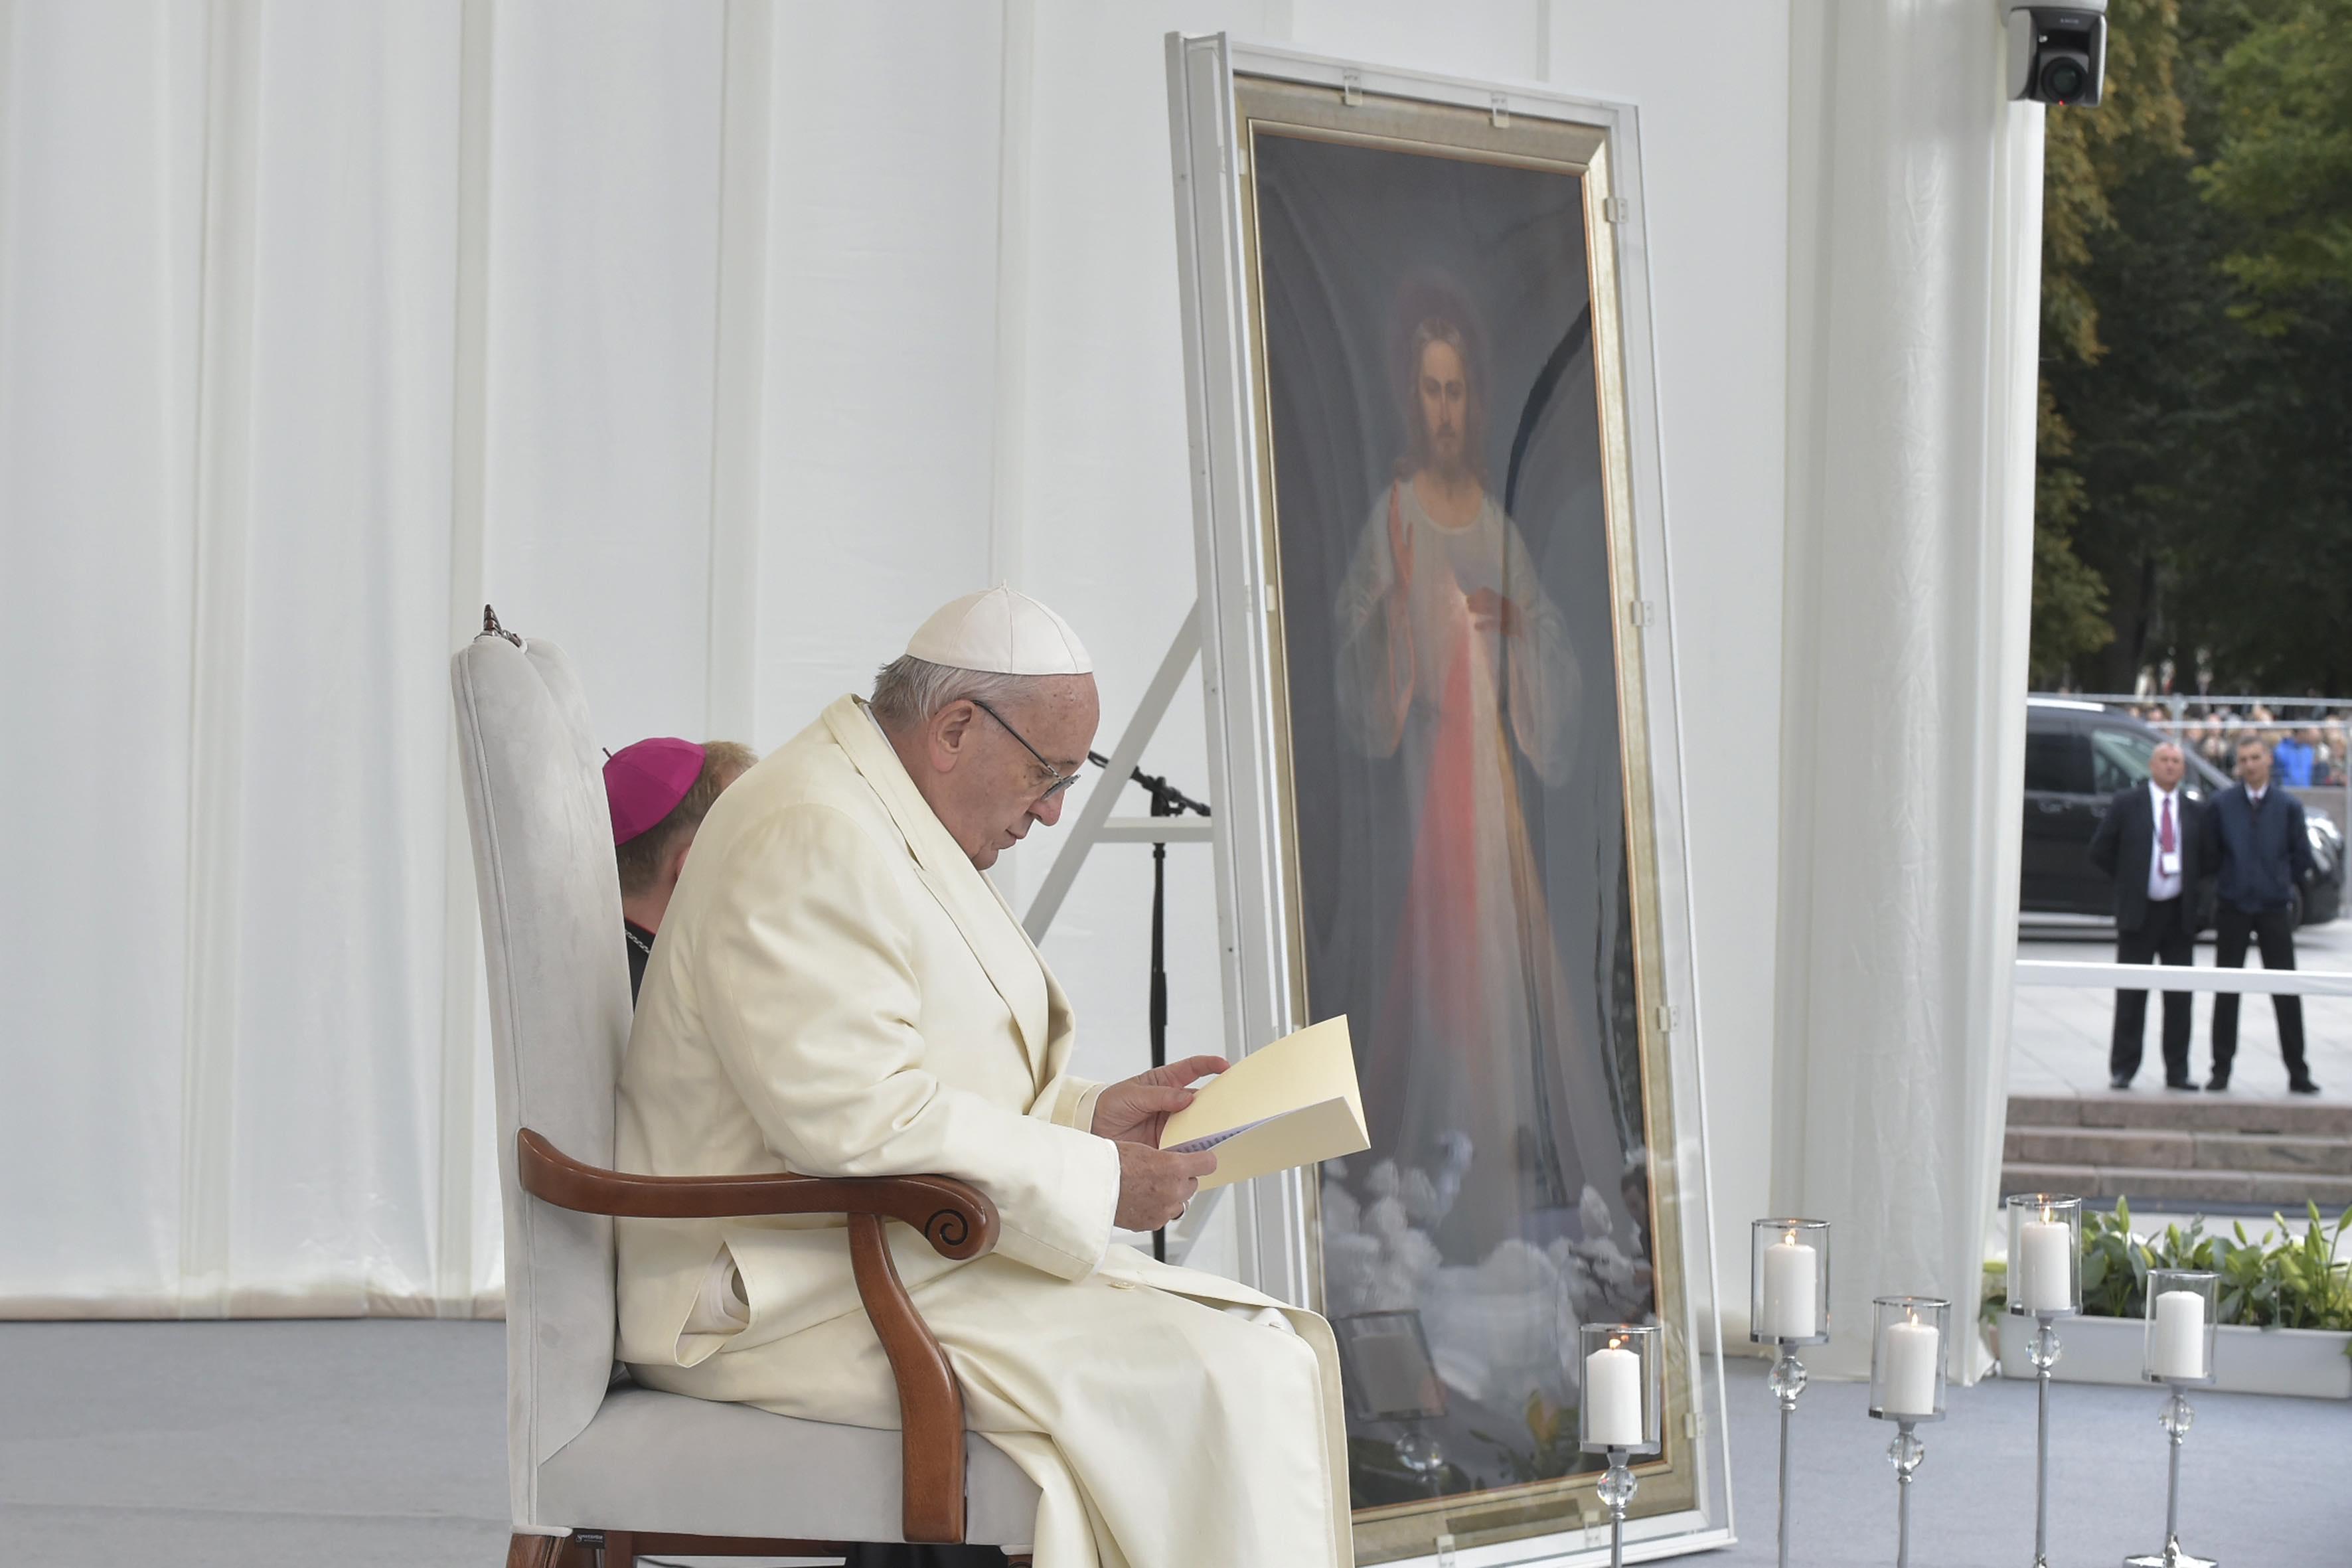 Le pape François, le Tableau de Jésus miséricordieux, rencontre avec les jeunes, Vilnius 2018 © Vatican Media